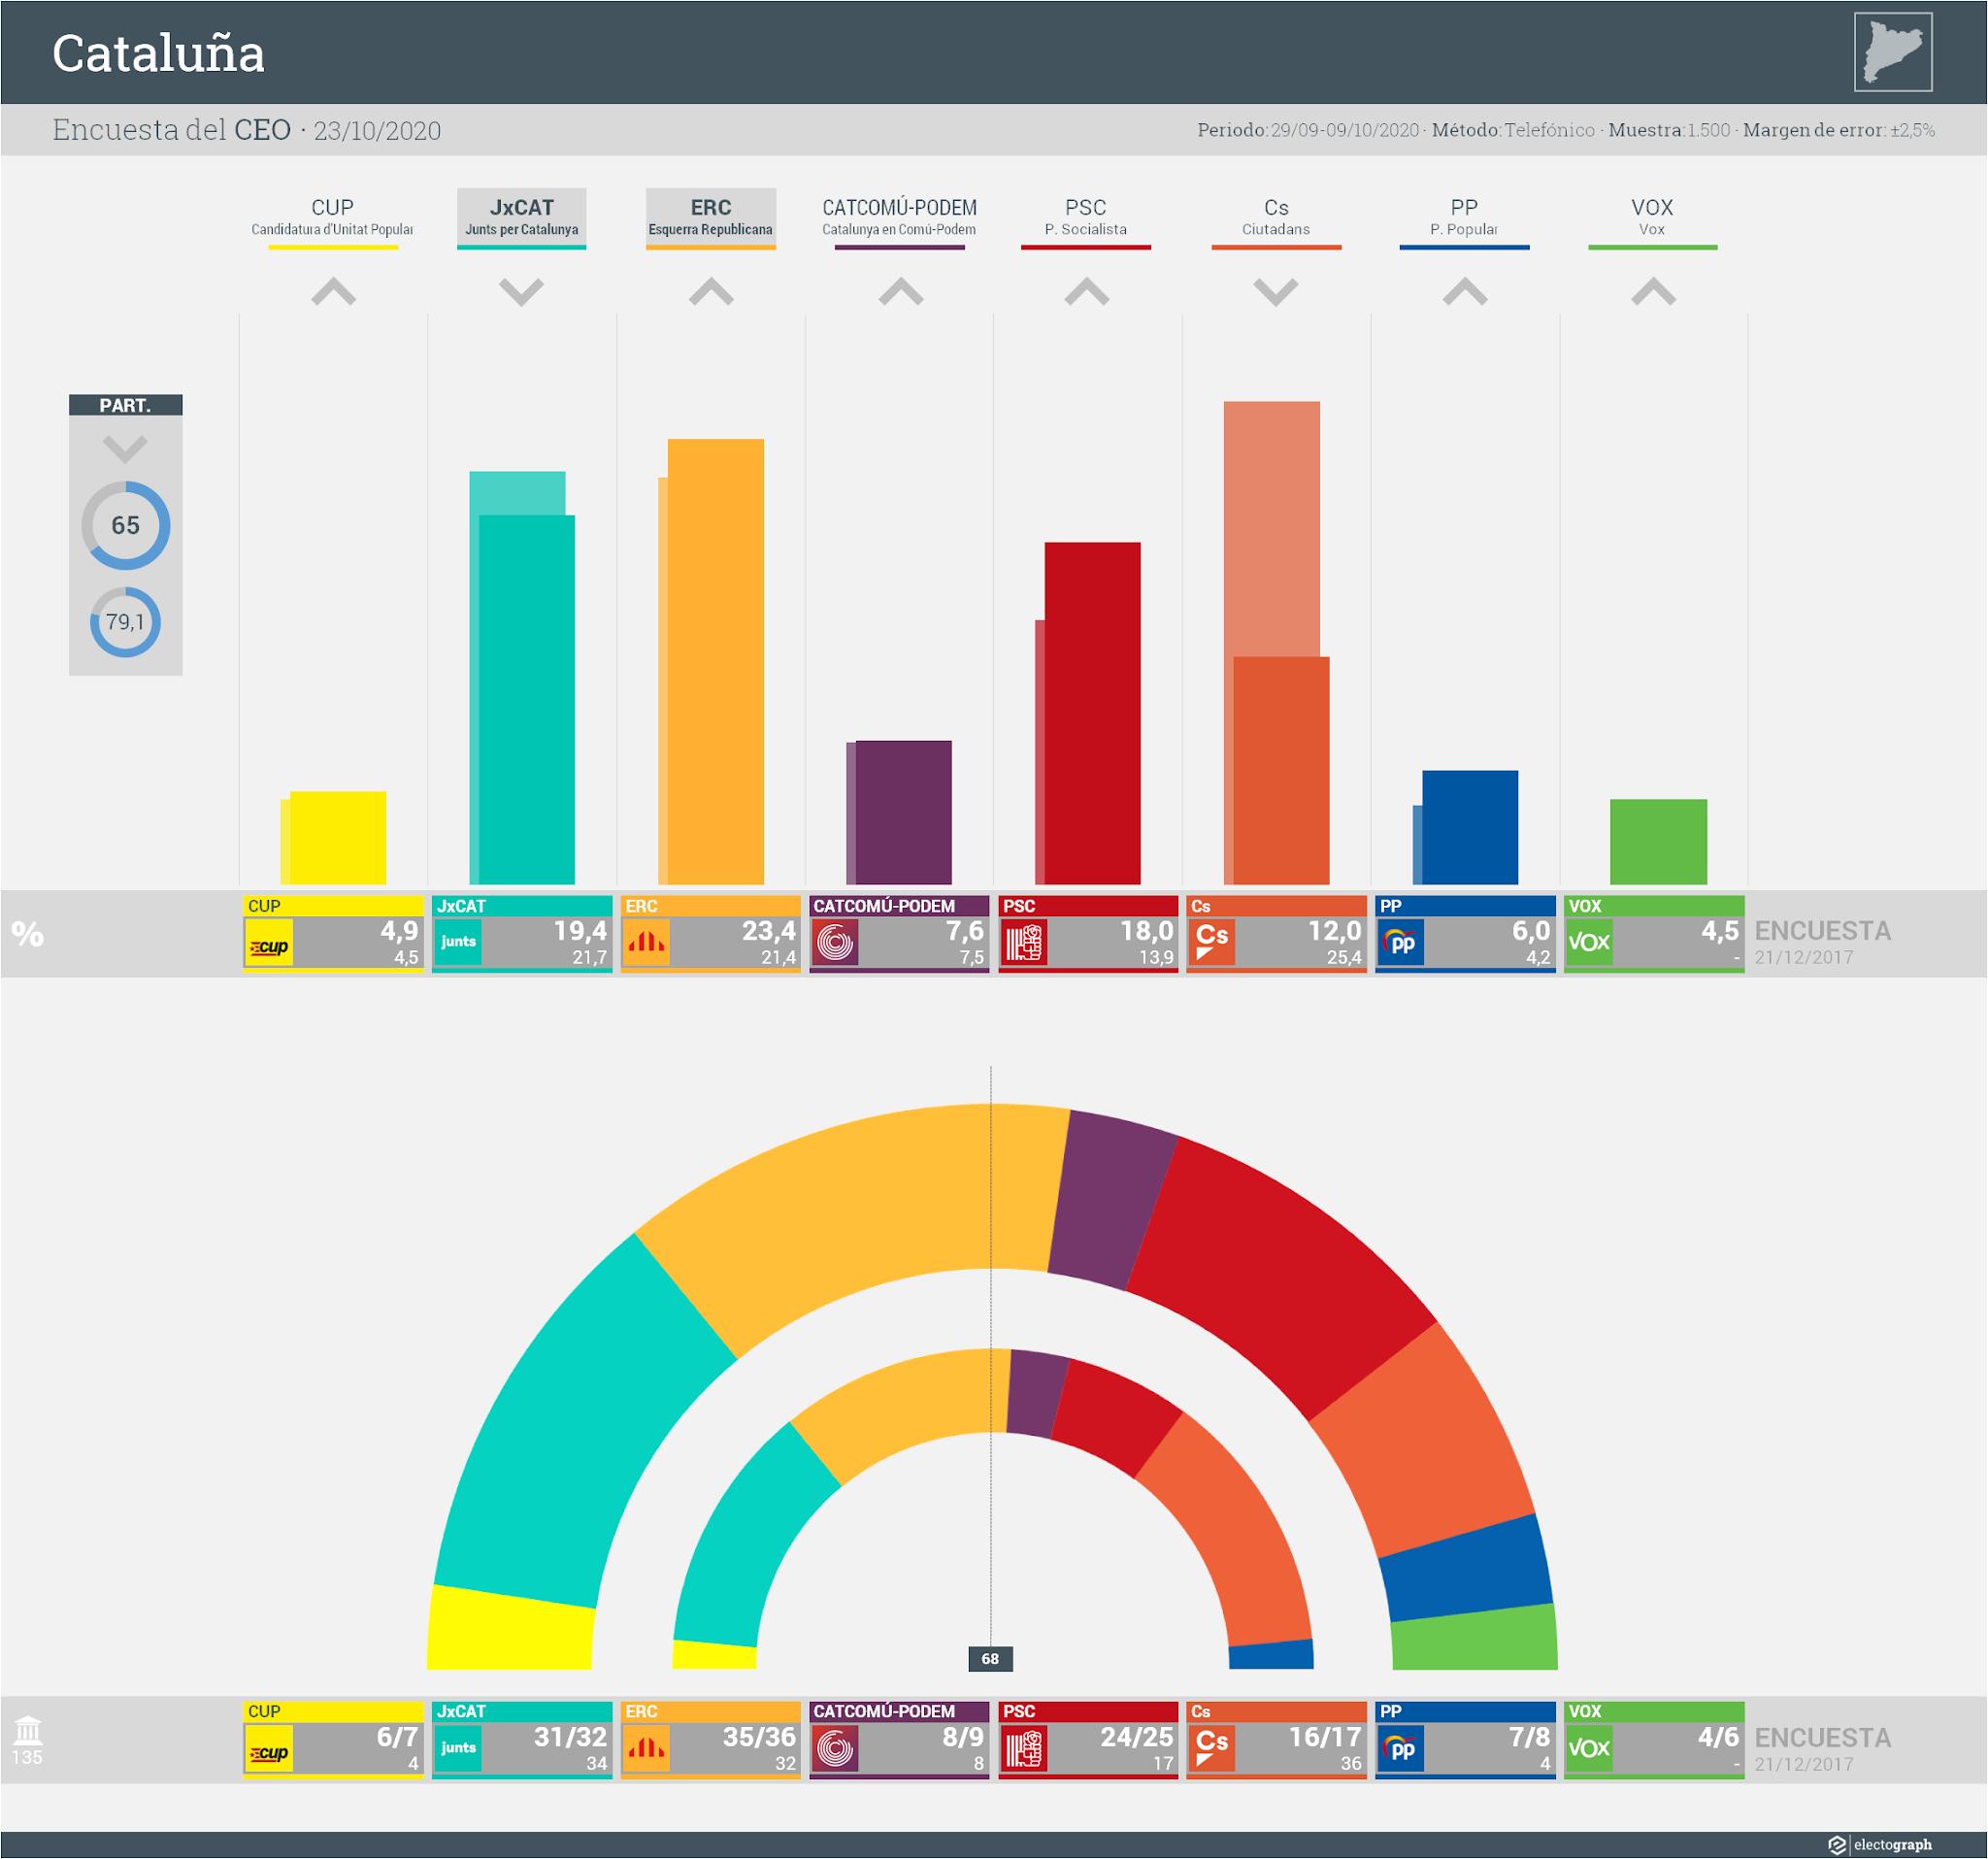 Gráfico de la encuesta para elecciones generales en Cataluña realizada por el CEO y MDK, 23 de octubre de 2020